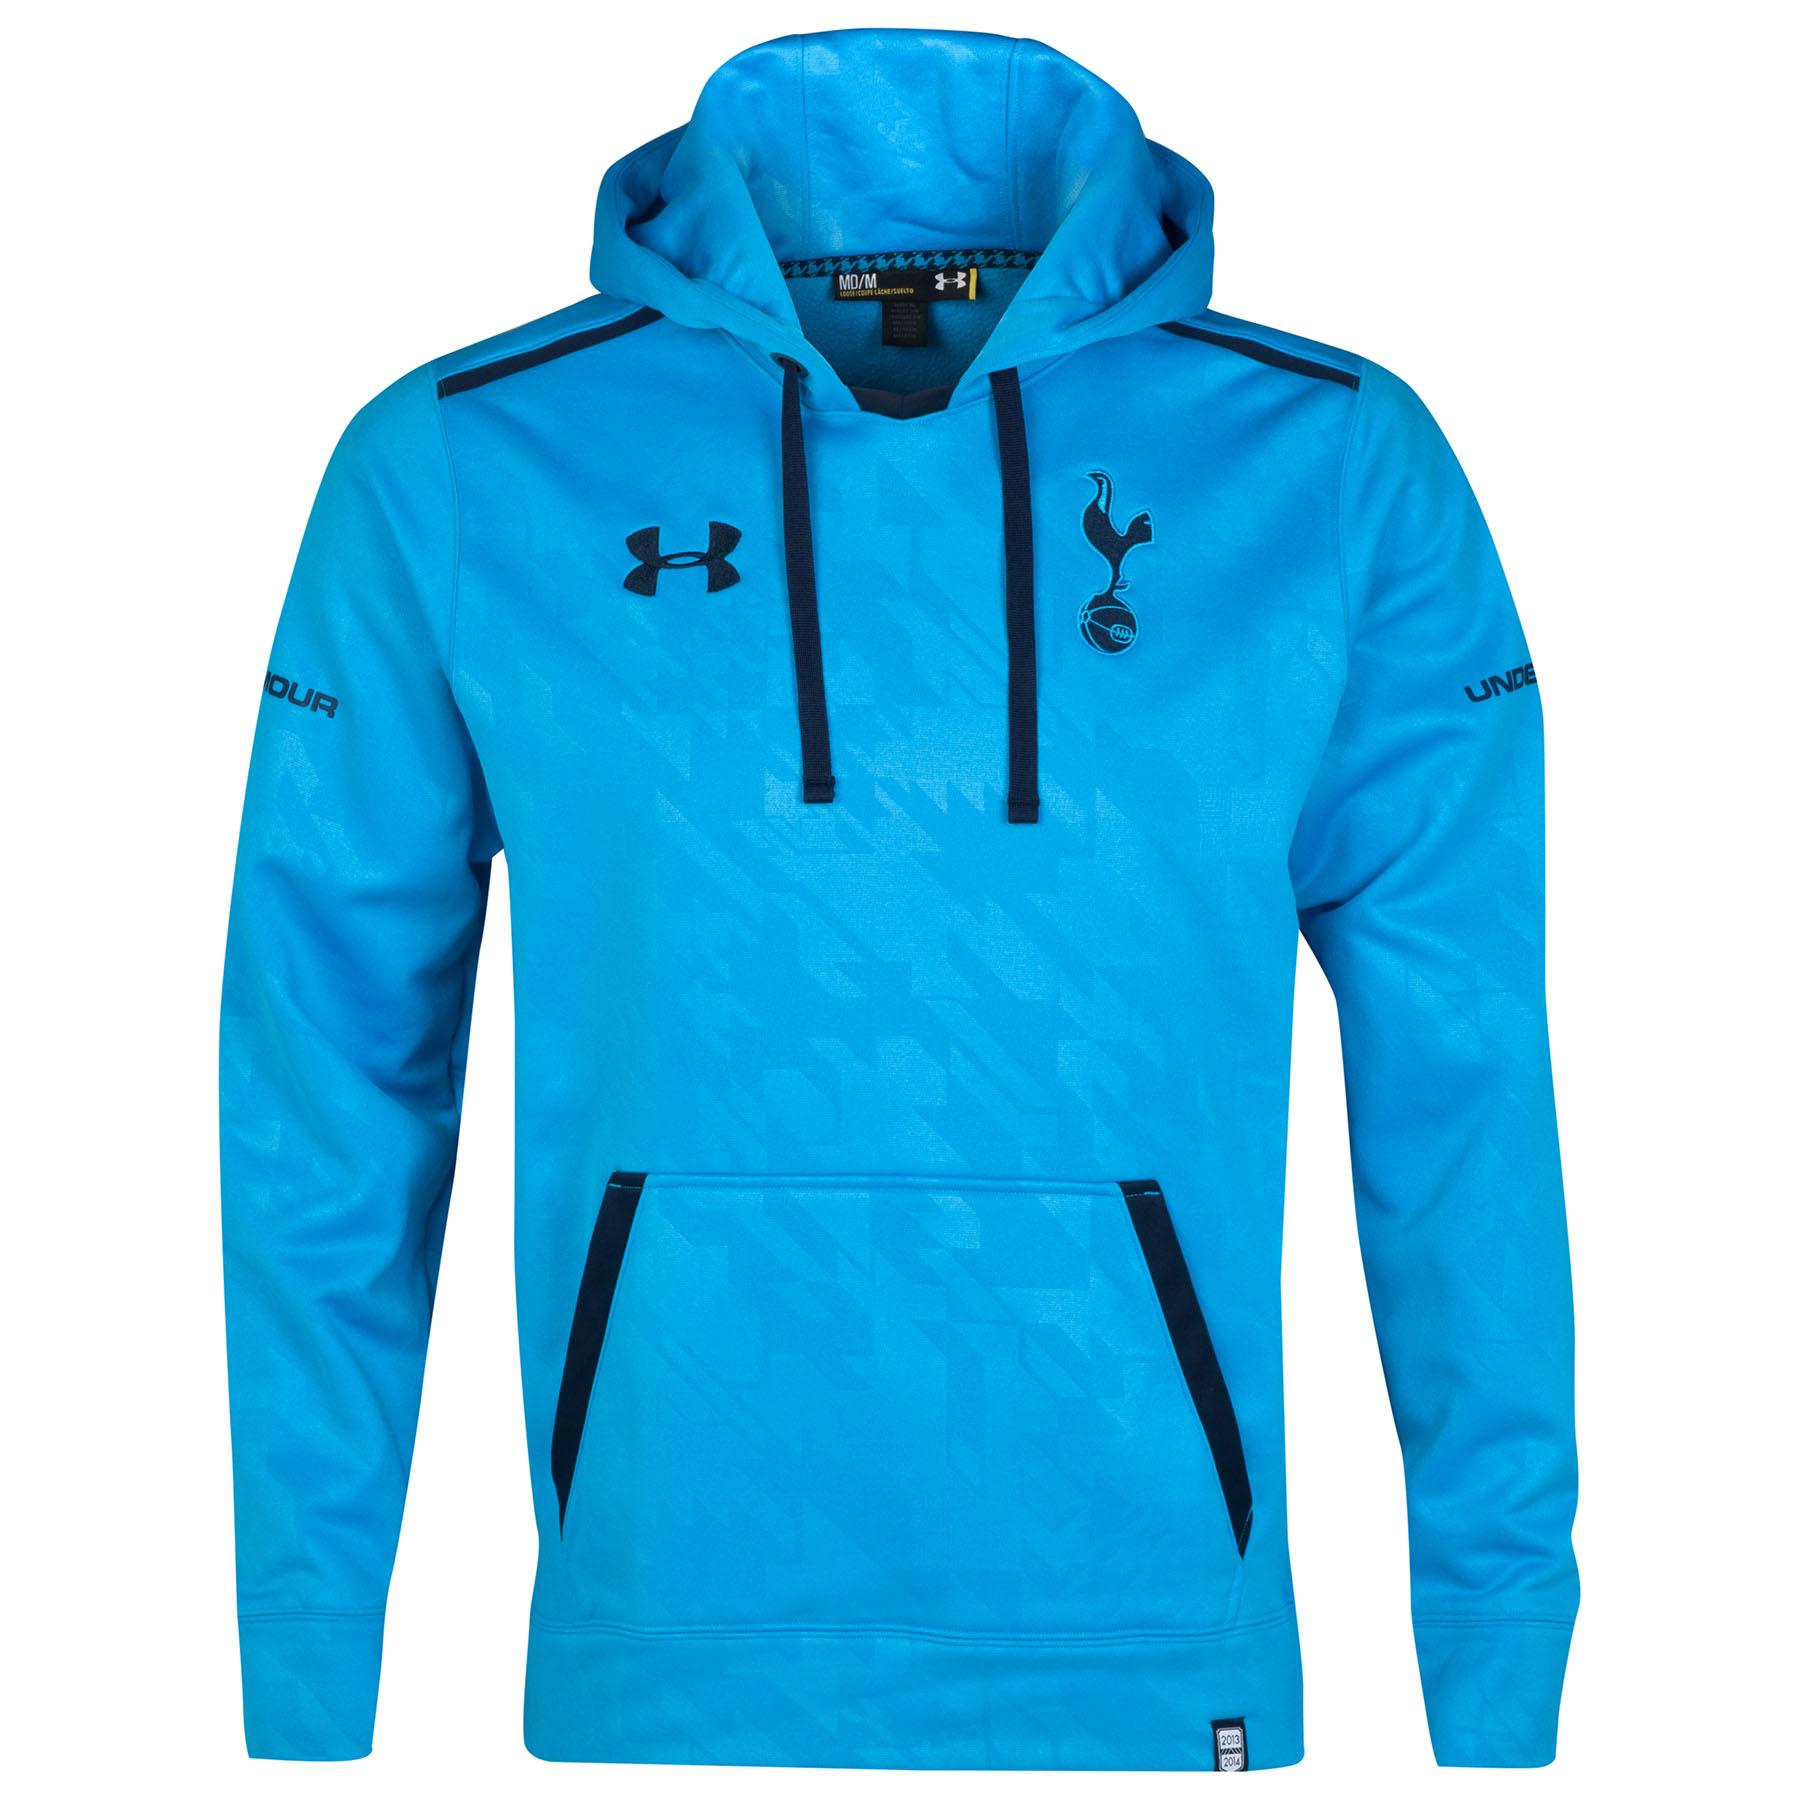 Tottenham Hotspur Hoody - Capri